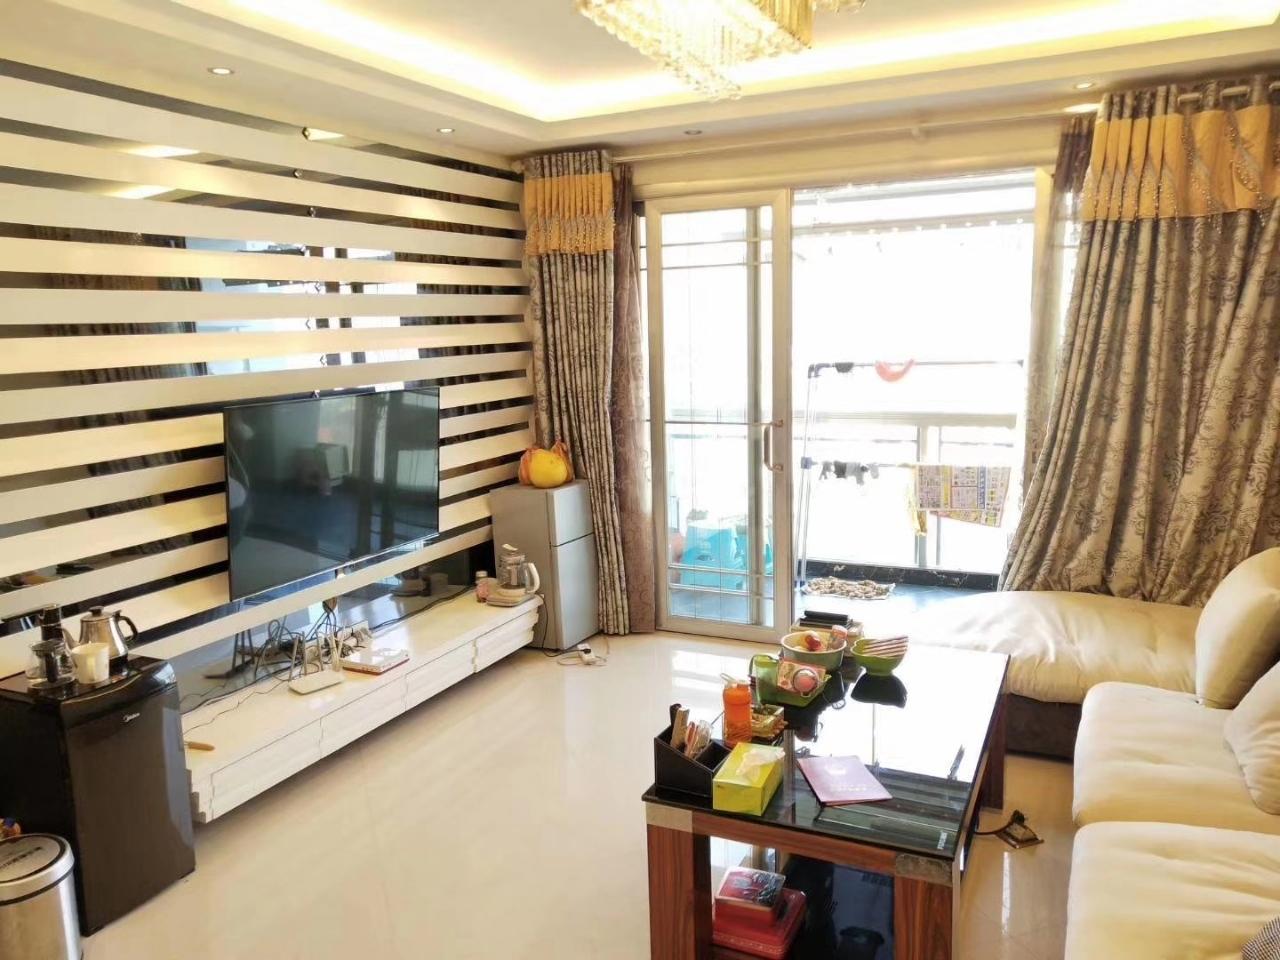 清华园3室2厅2卫70.8万元